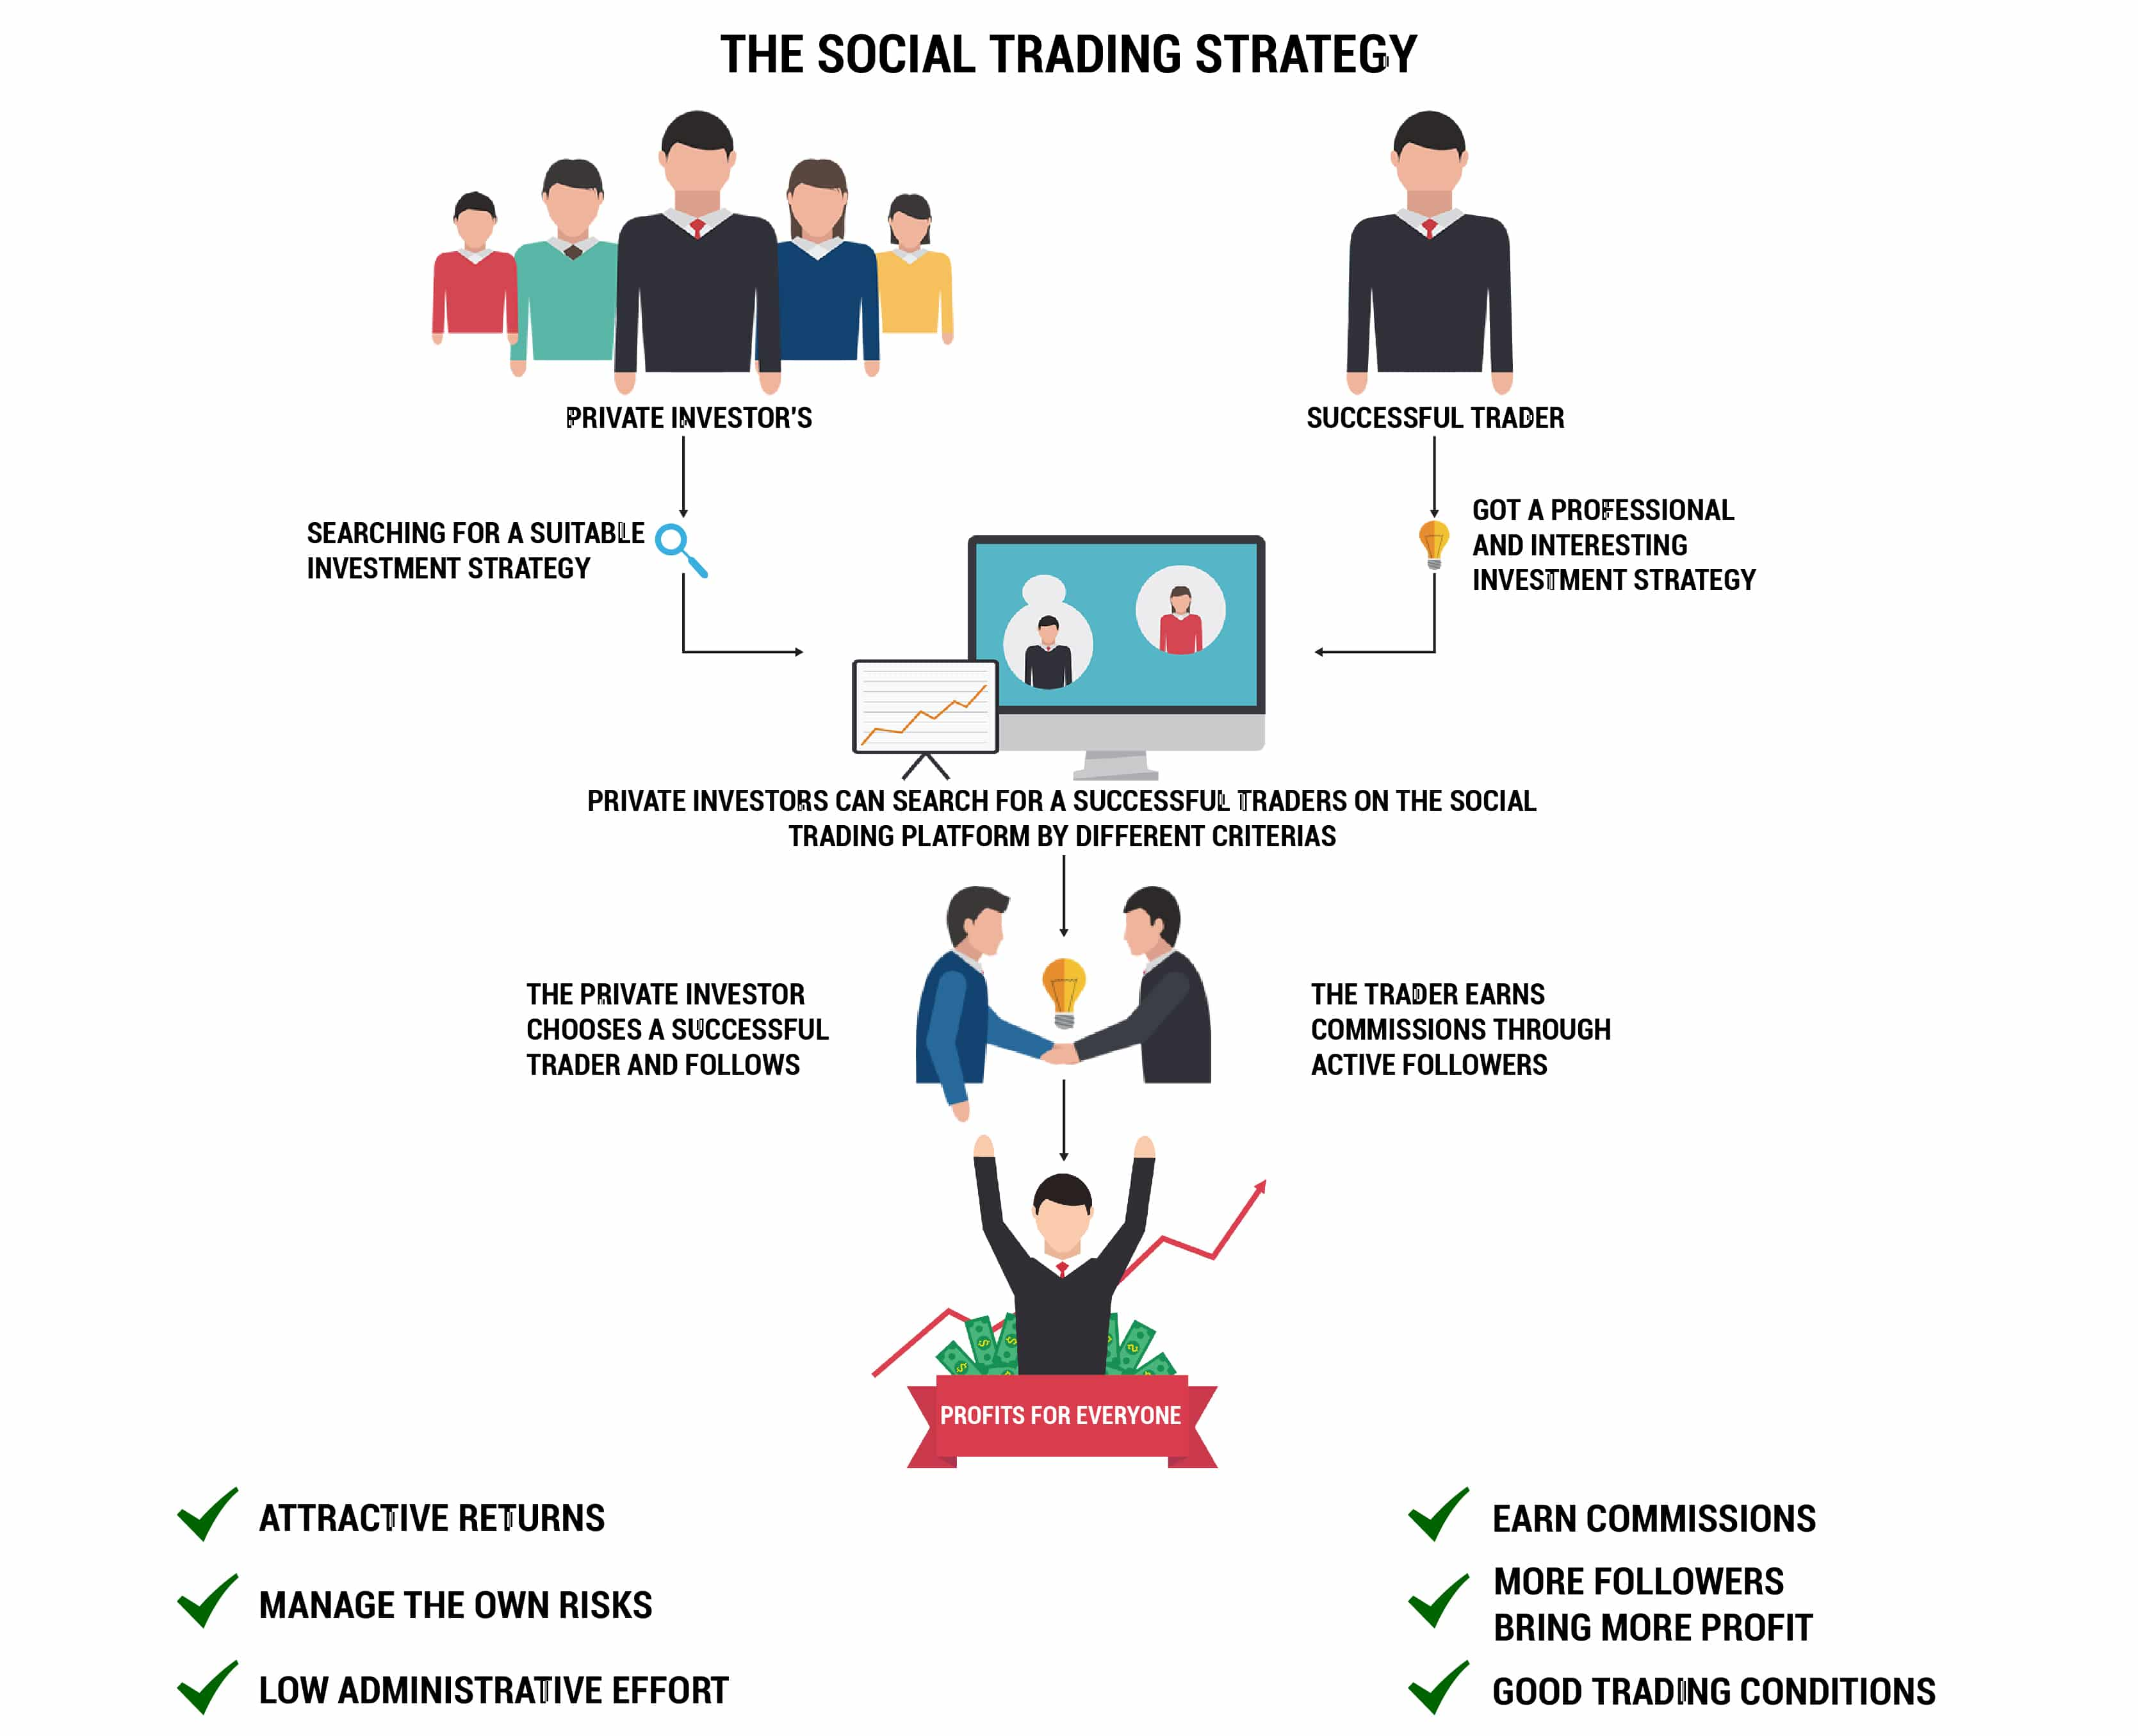 kereskedési platformok bináris opciók áttekintéséhez mi a fedetlen lehetőség